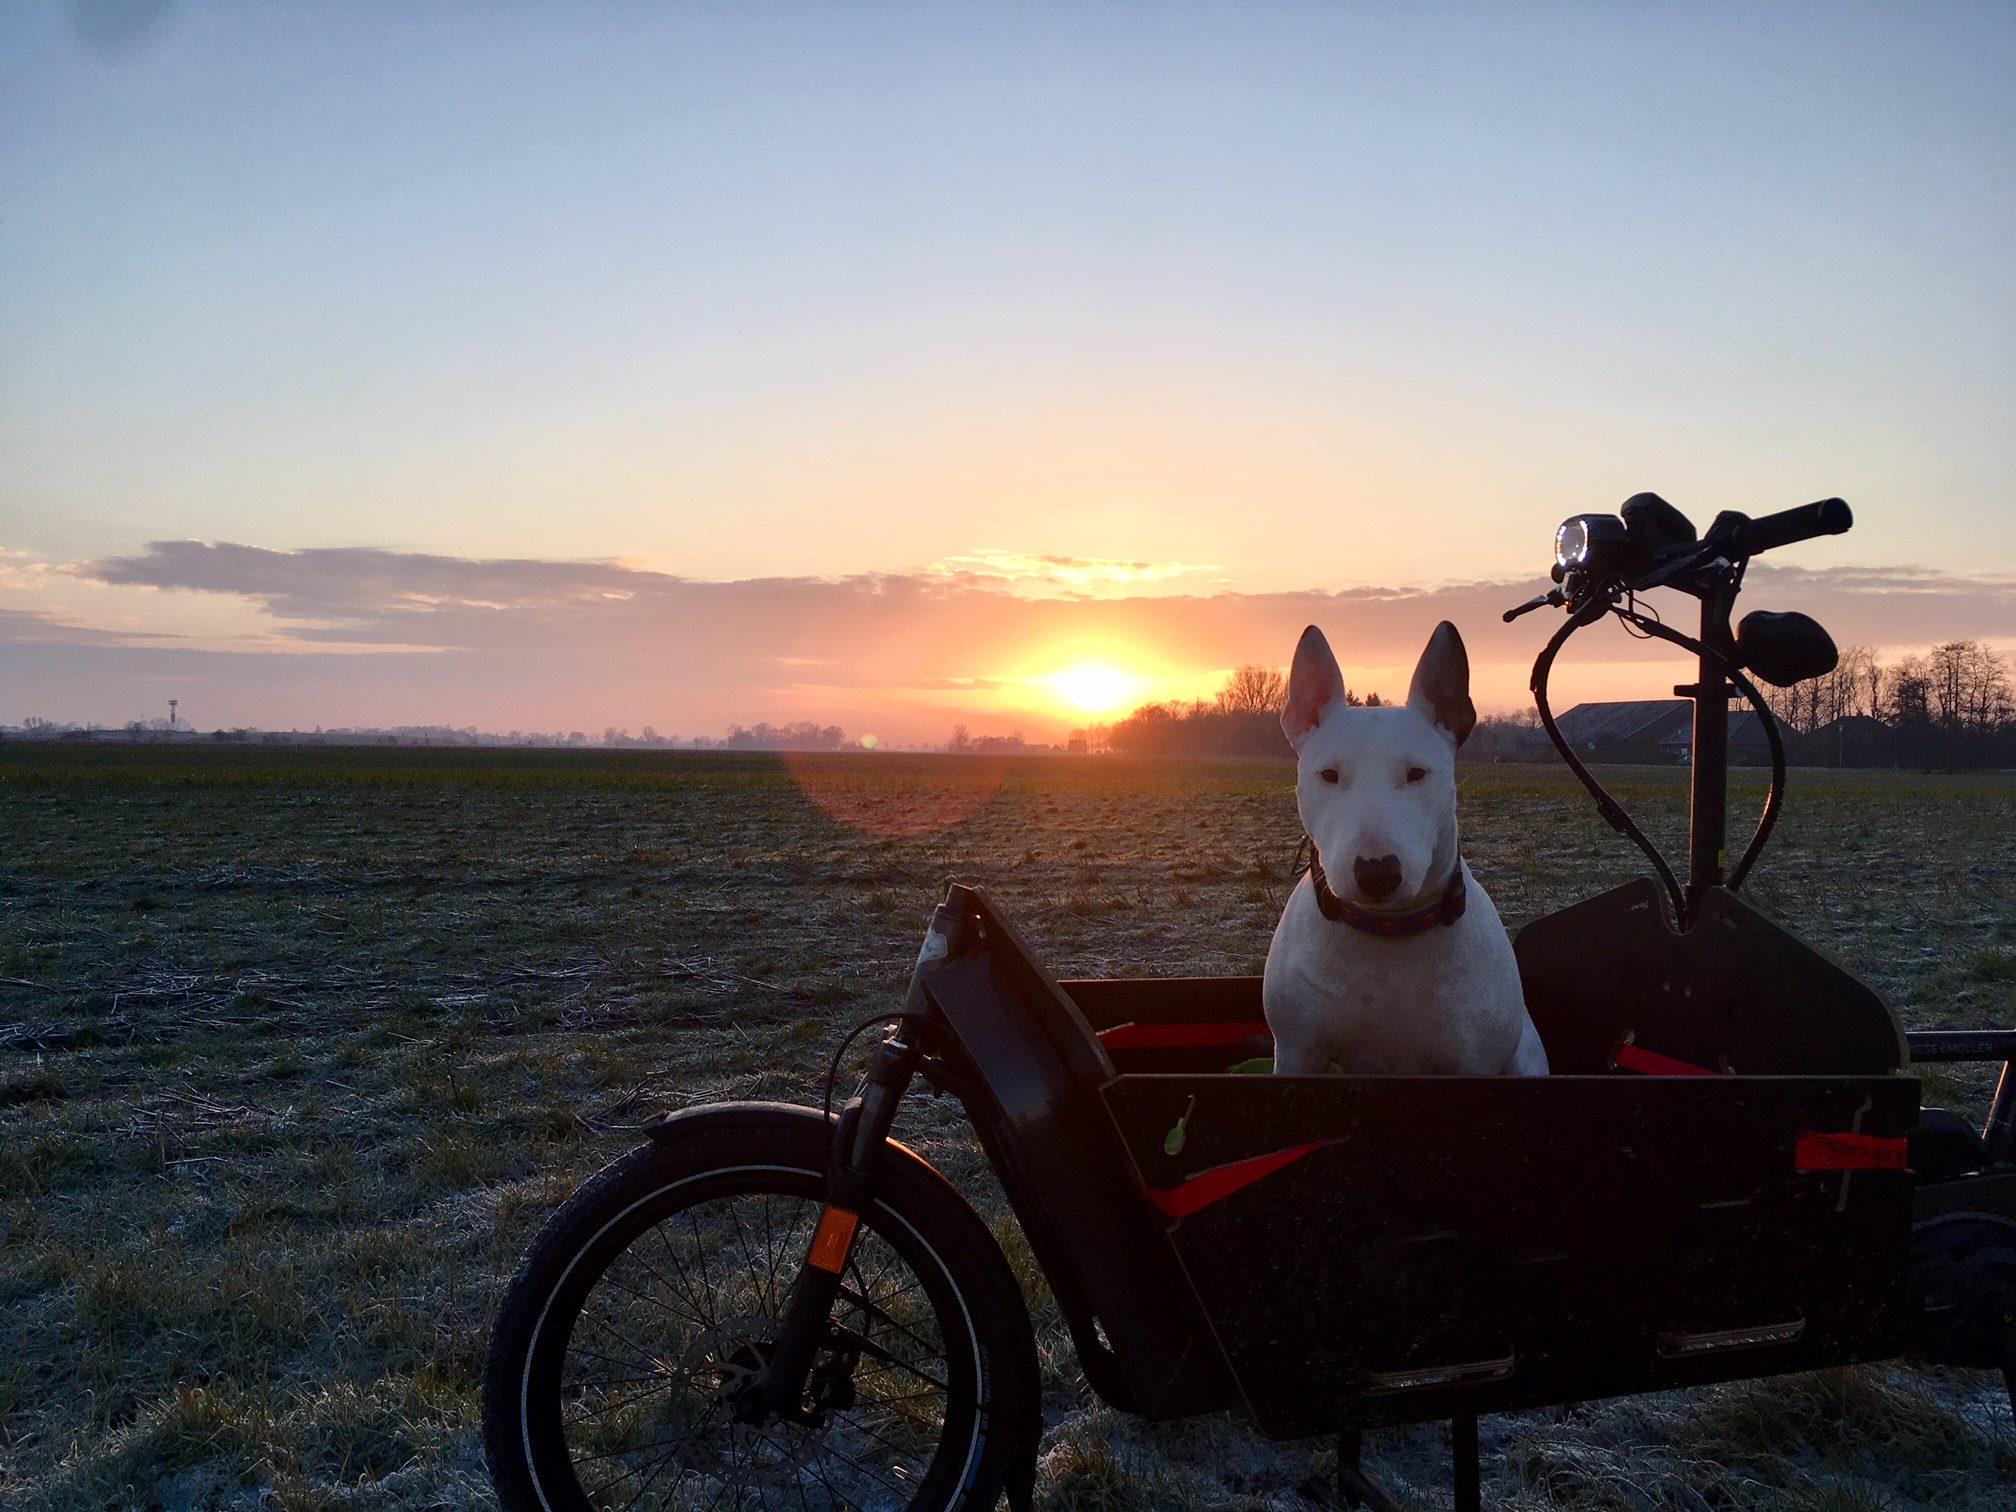 """""""So ein Lastenrad ist echt praktisch. Man braucht keinen Parkplatz suchen und es ist sowohl für den Hund, als auch für die große Sporttasche genügen Platz."""" - Patrick Bülter"""